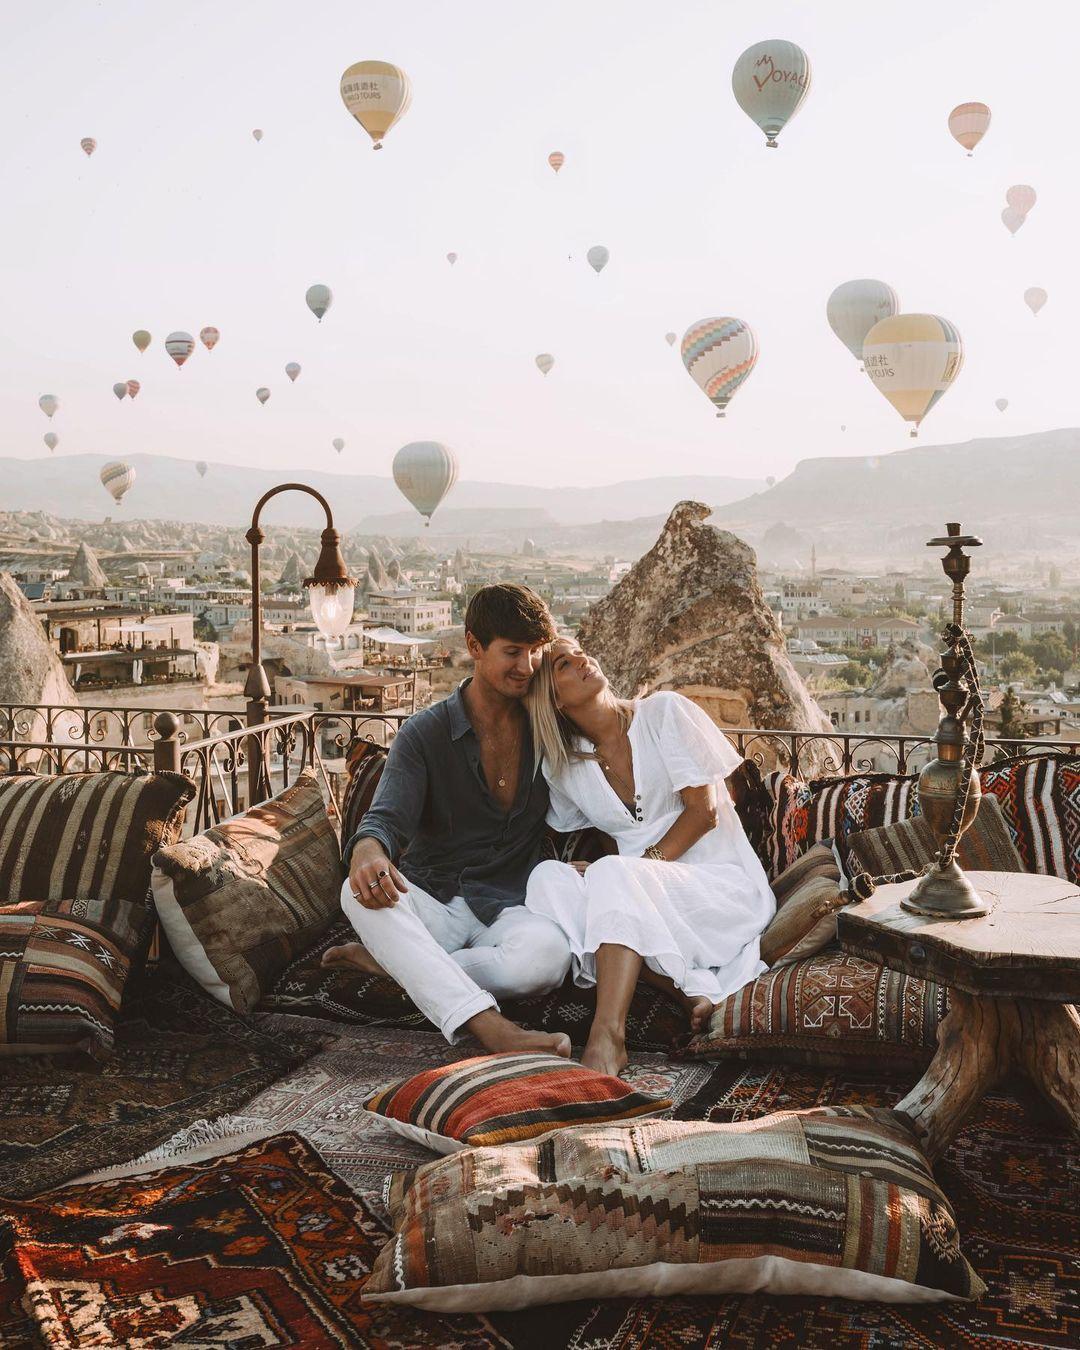 Пара публикует замечательные фотографии из путешествий в Instagram